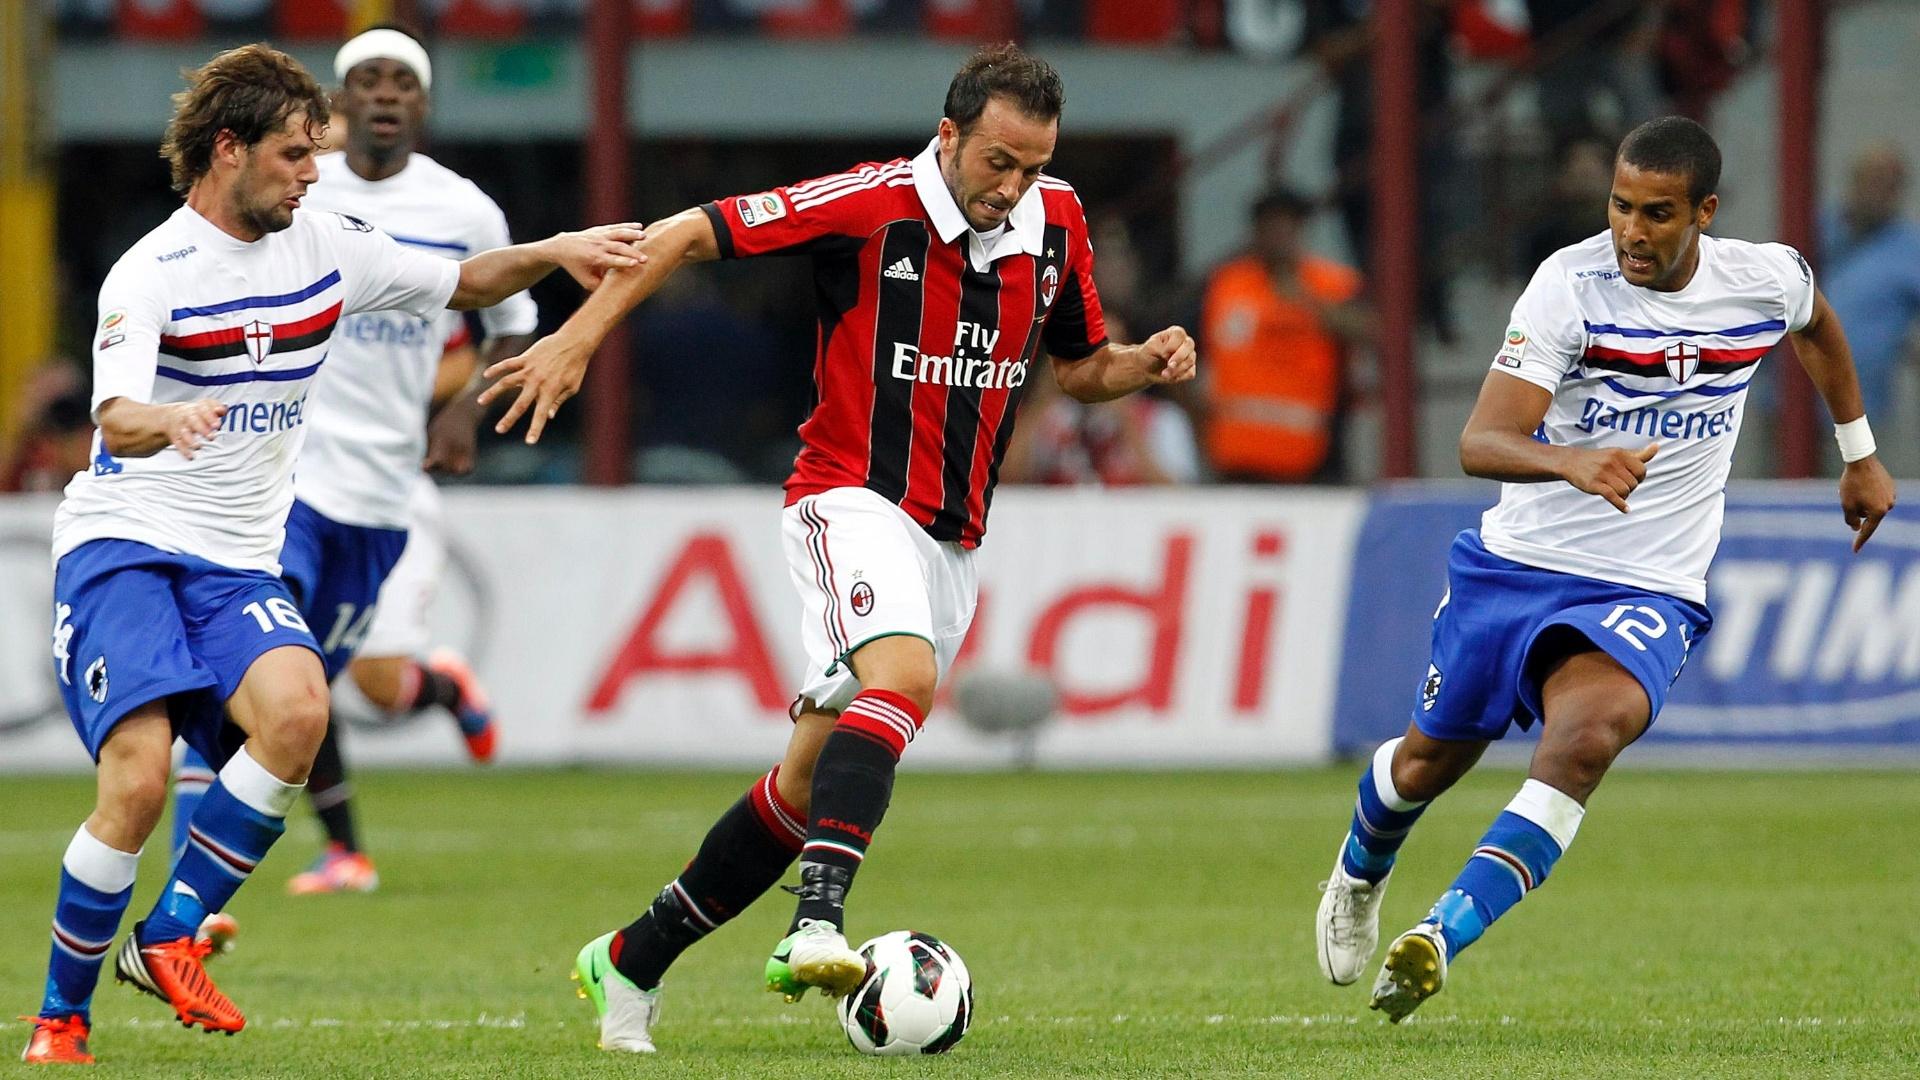 O atacante Giampaolo Pazzini estreou pelo Milan na derrota para a Sampdoria, clube onde também já atuou, por 1 a 0 na 1ª rodada do Campeonato Italiano